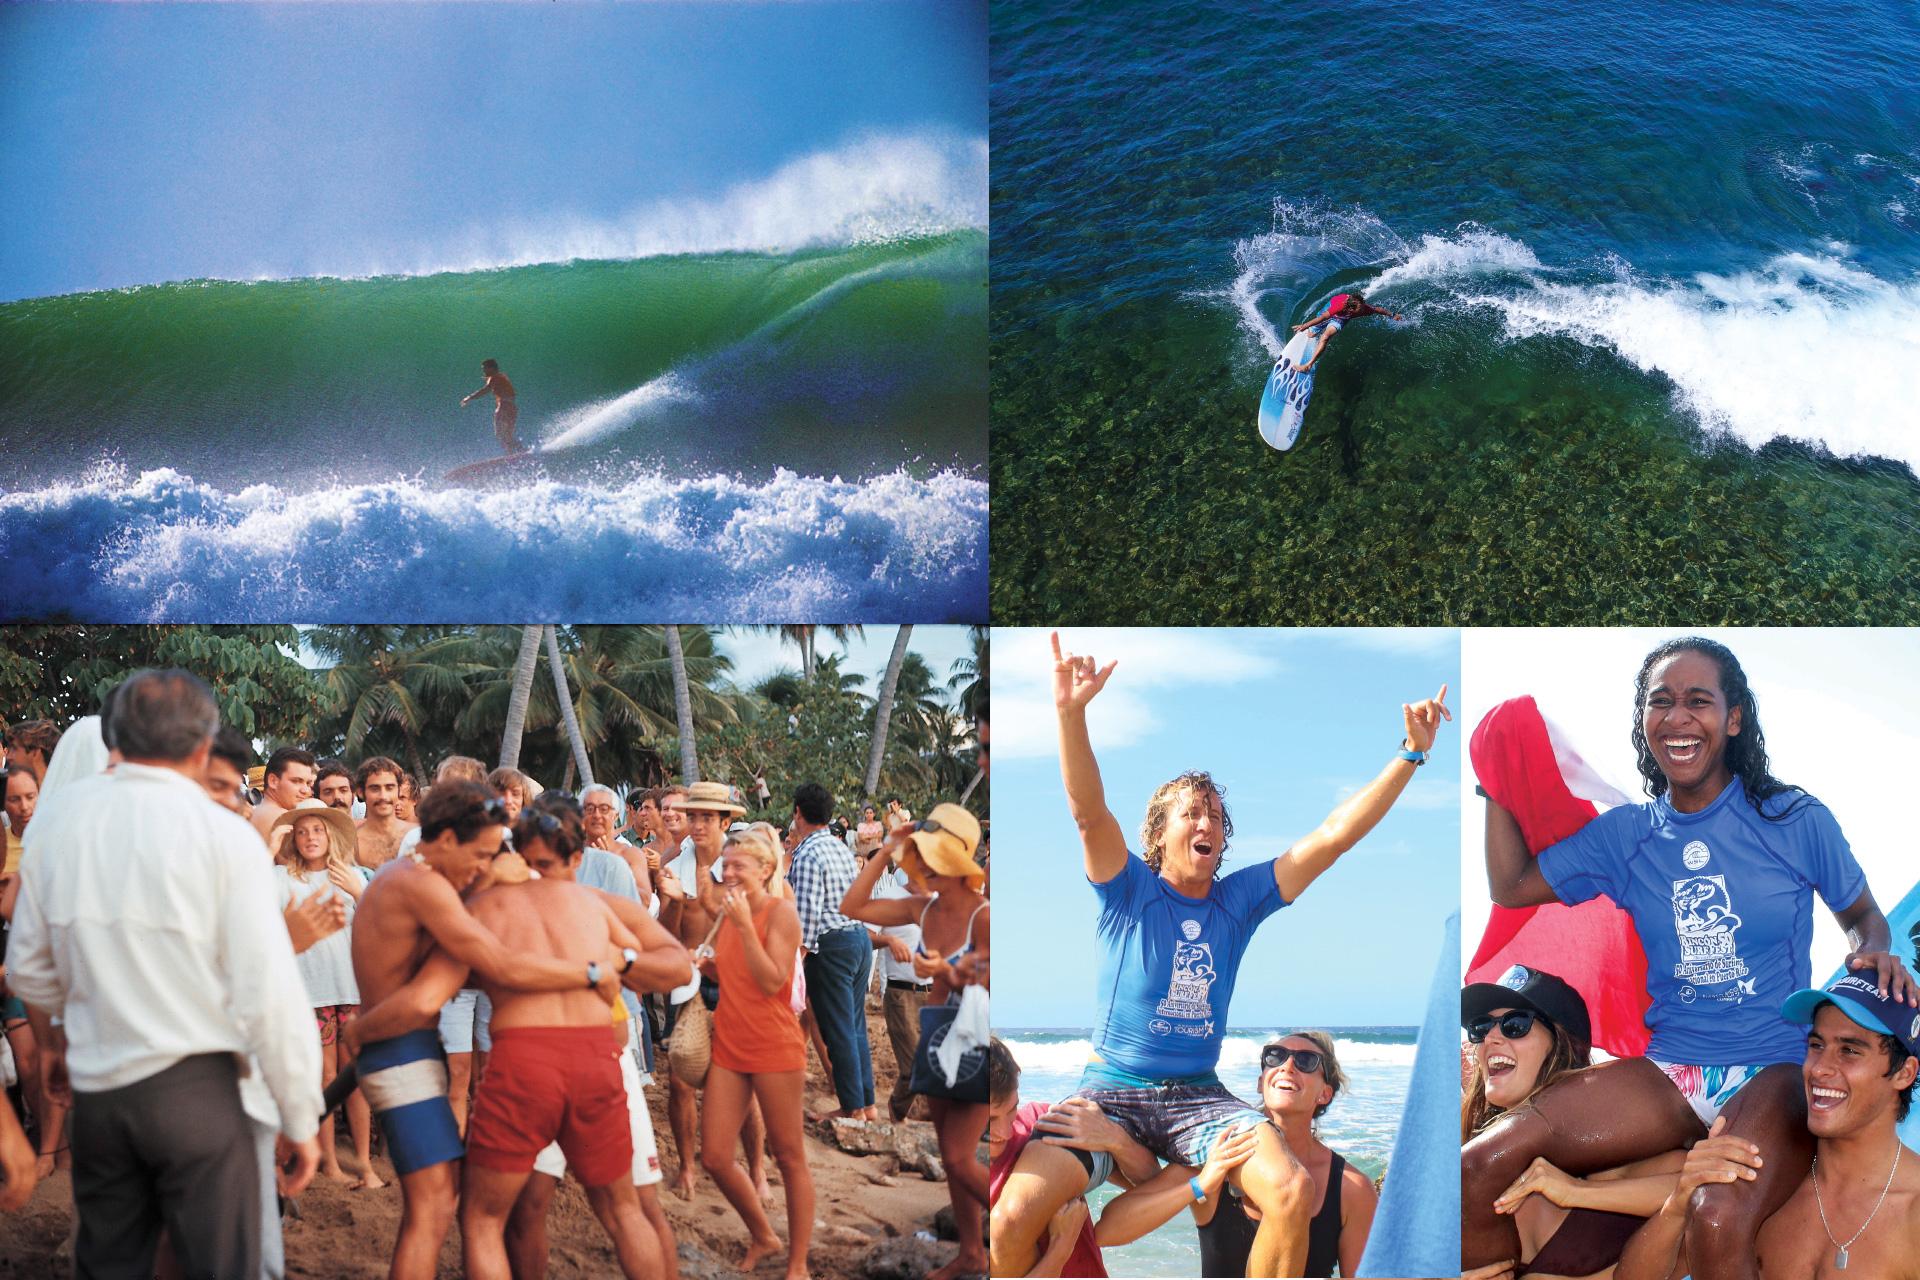 WSL professional longboarding contest in Rincon, Puerto Rico.